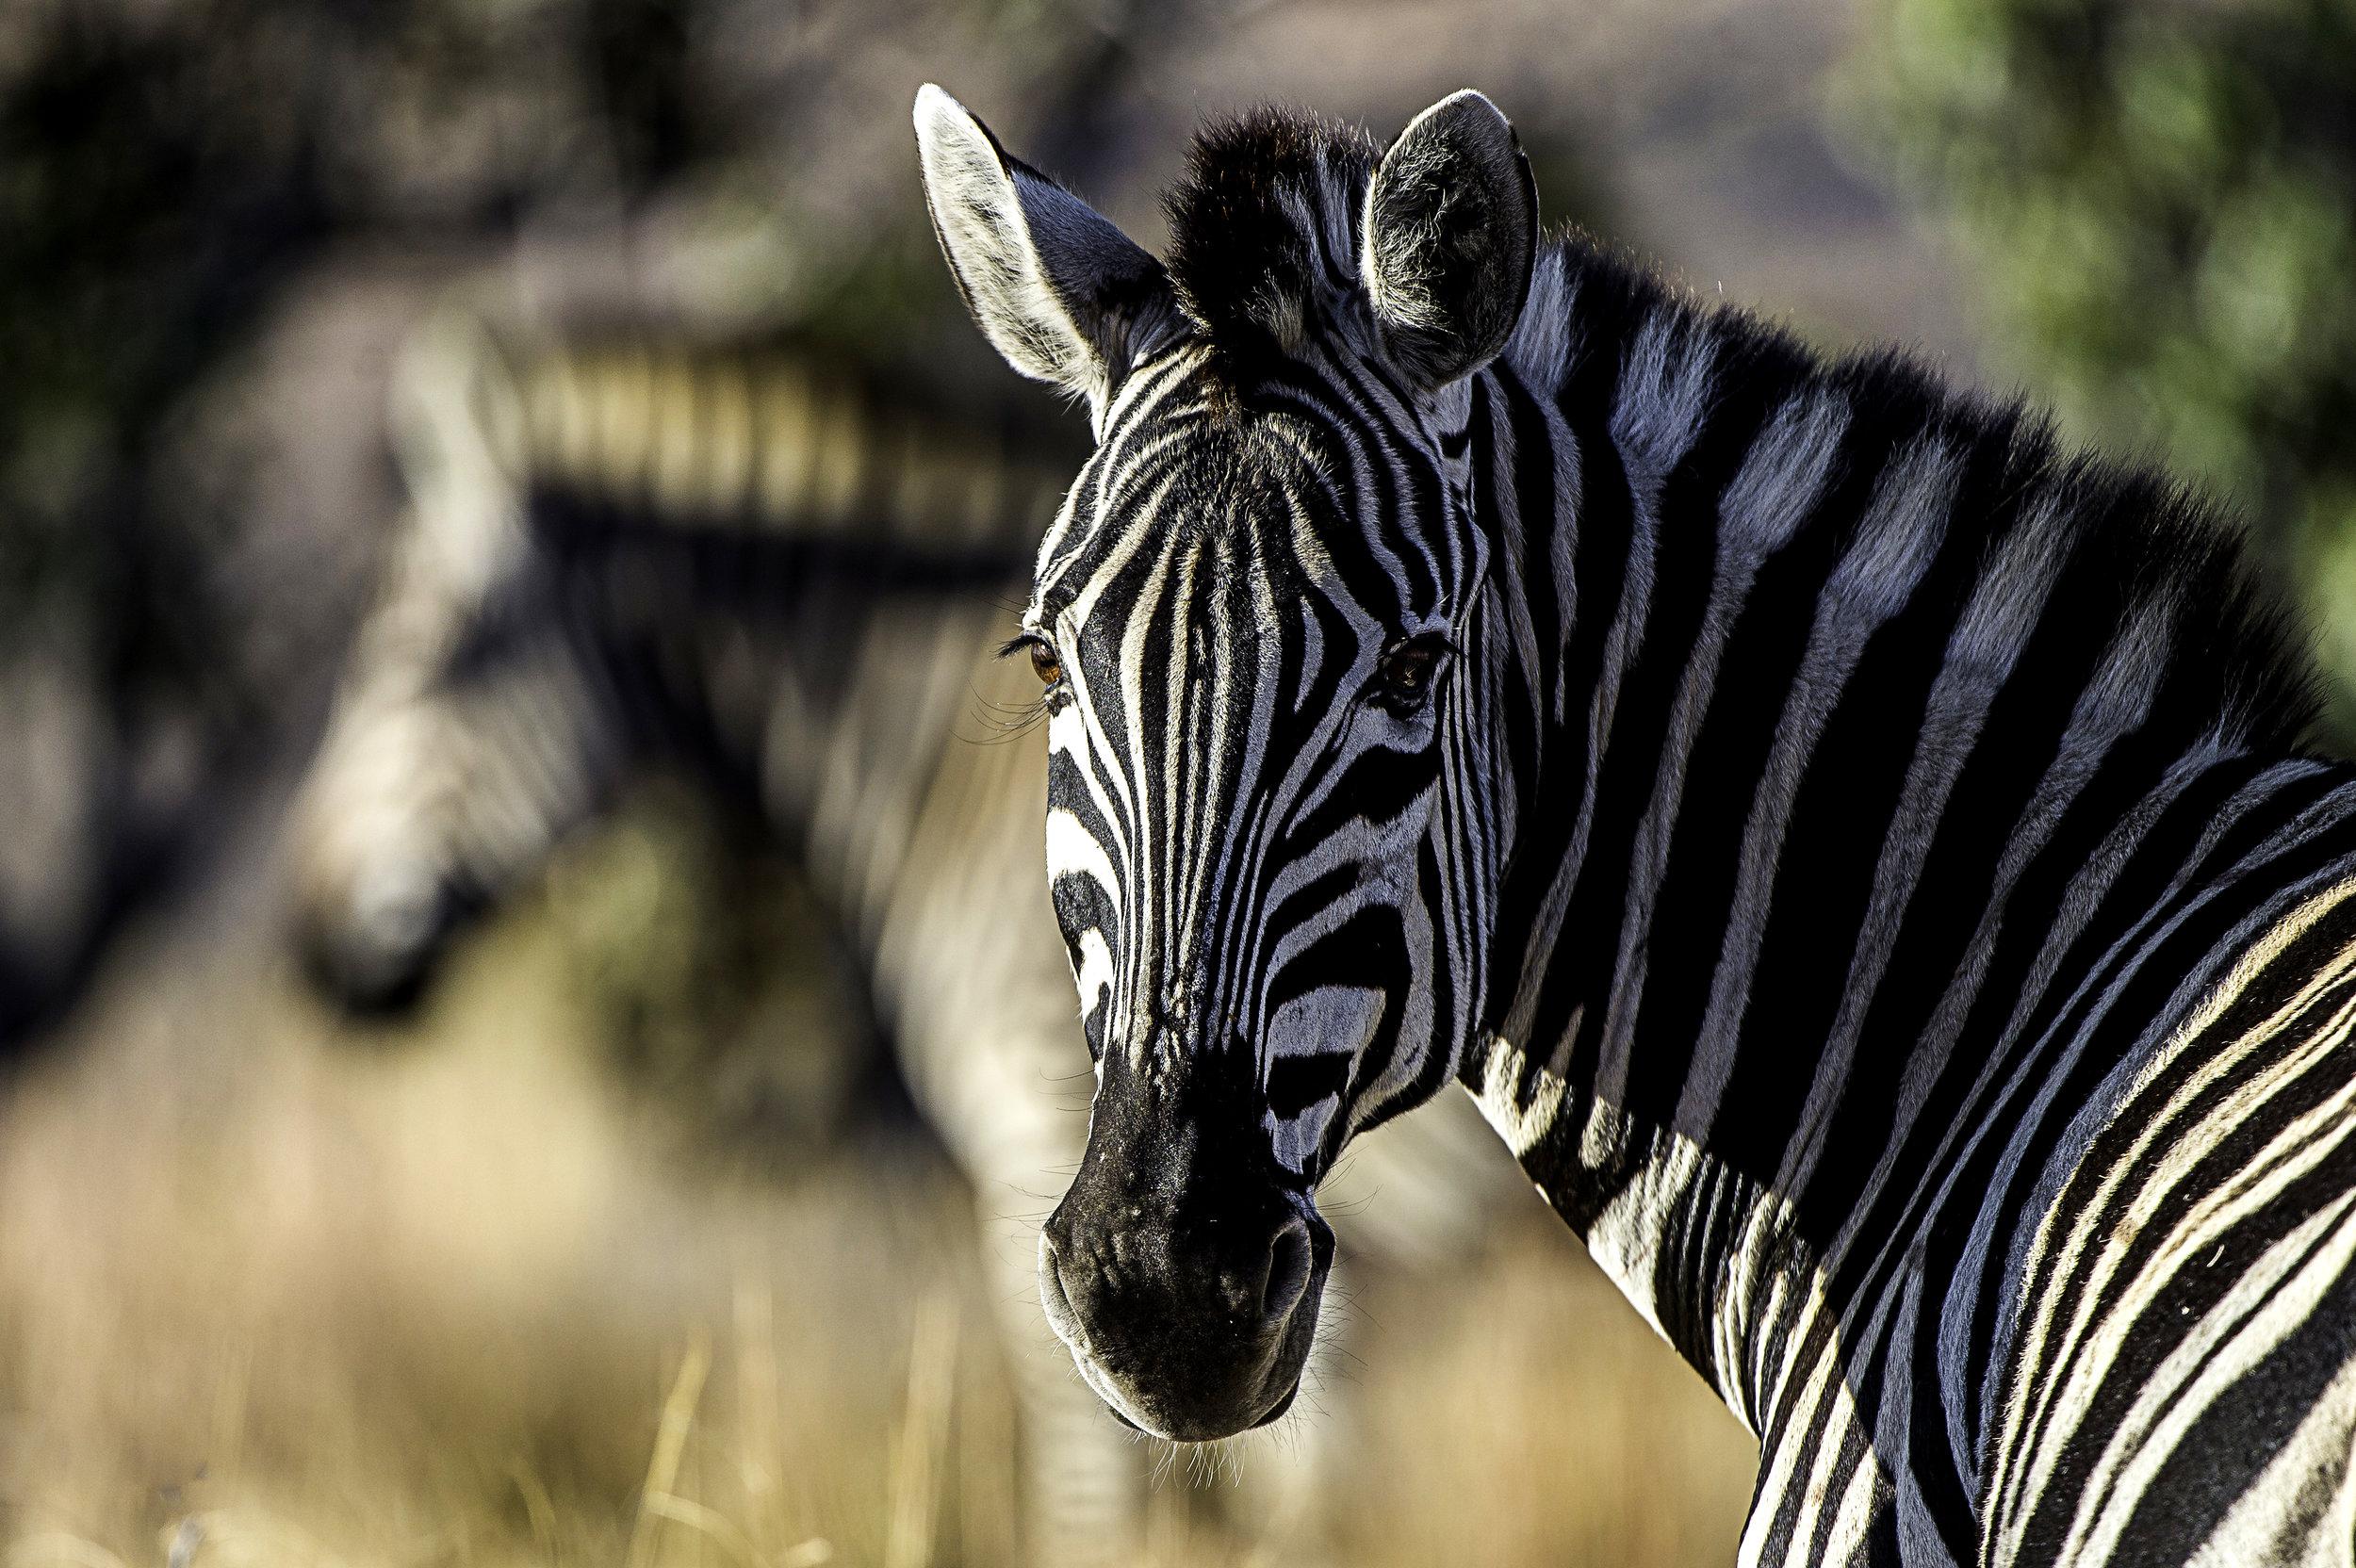 Rare Earth_Welgevonden_Zebra_02.jpg